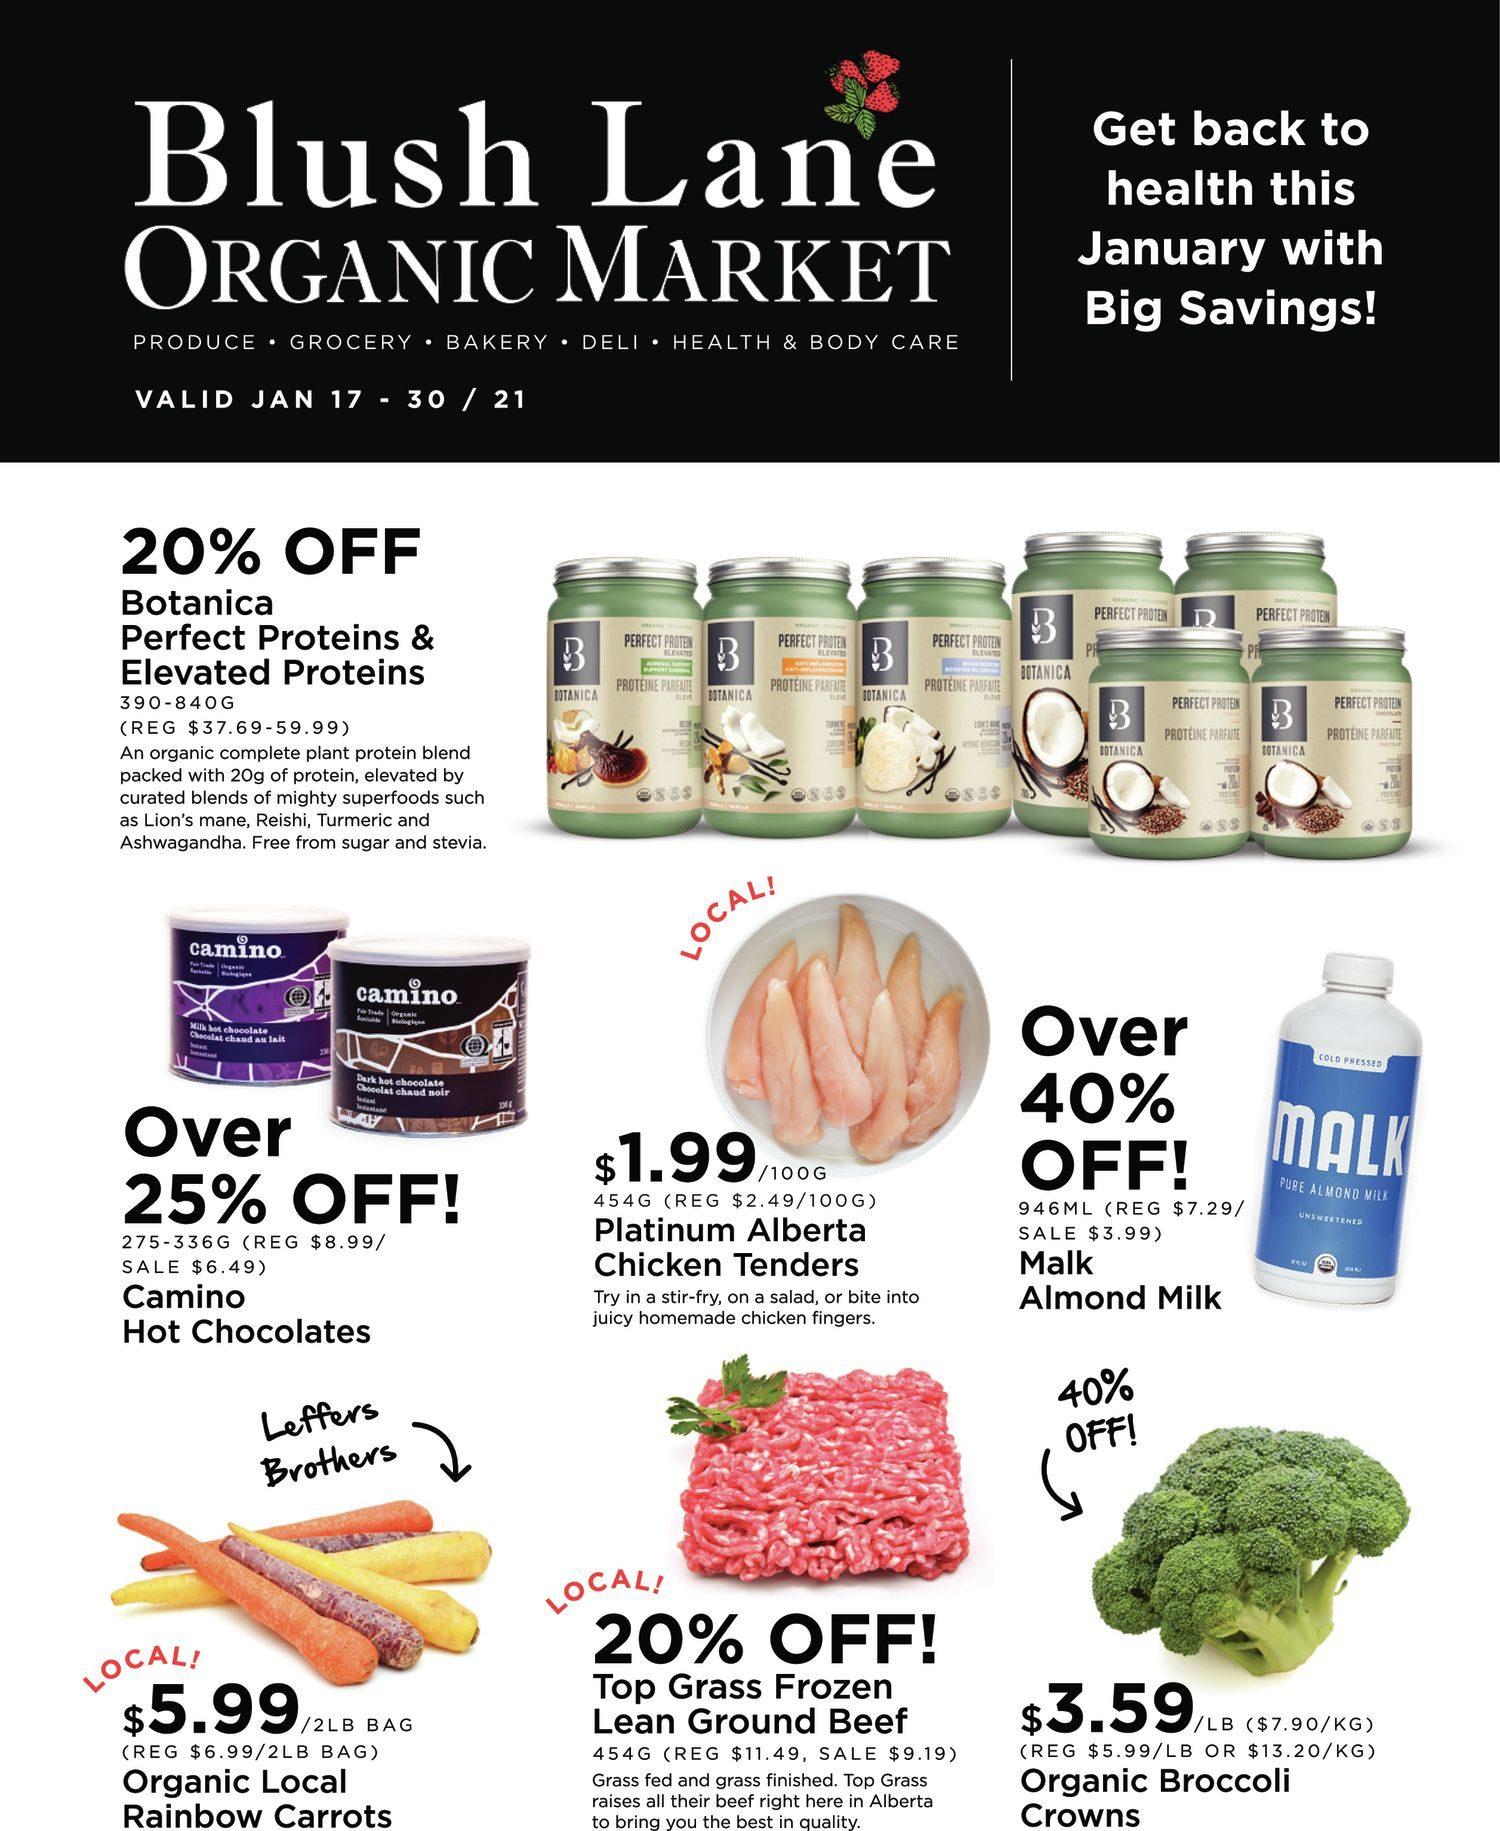 Blush Lane Organic Market - 2 Weeks of Savings